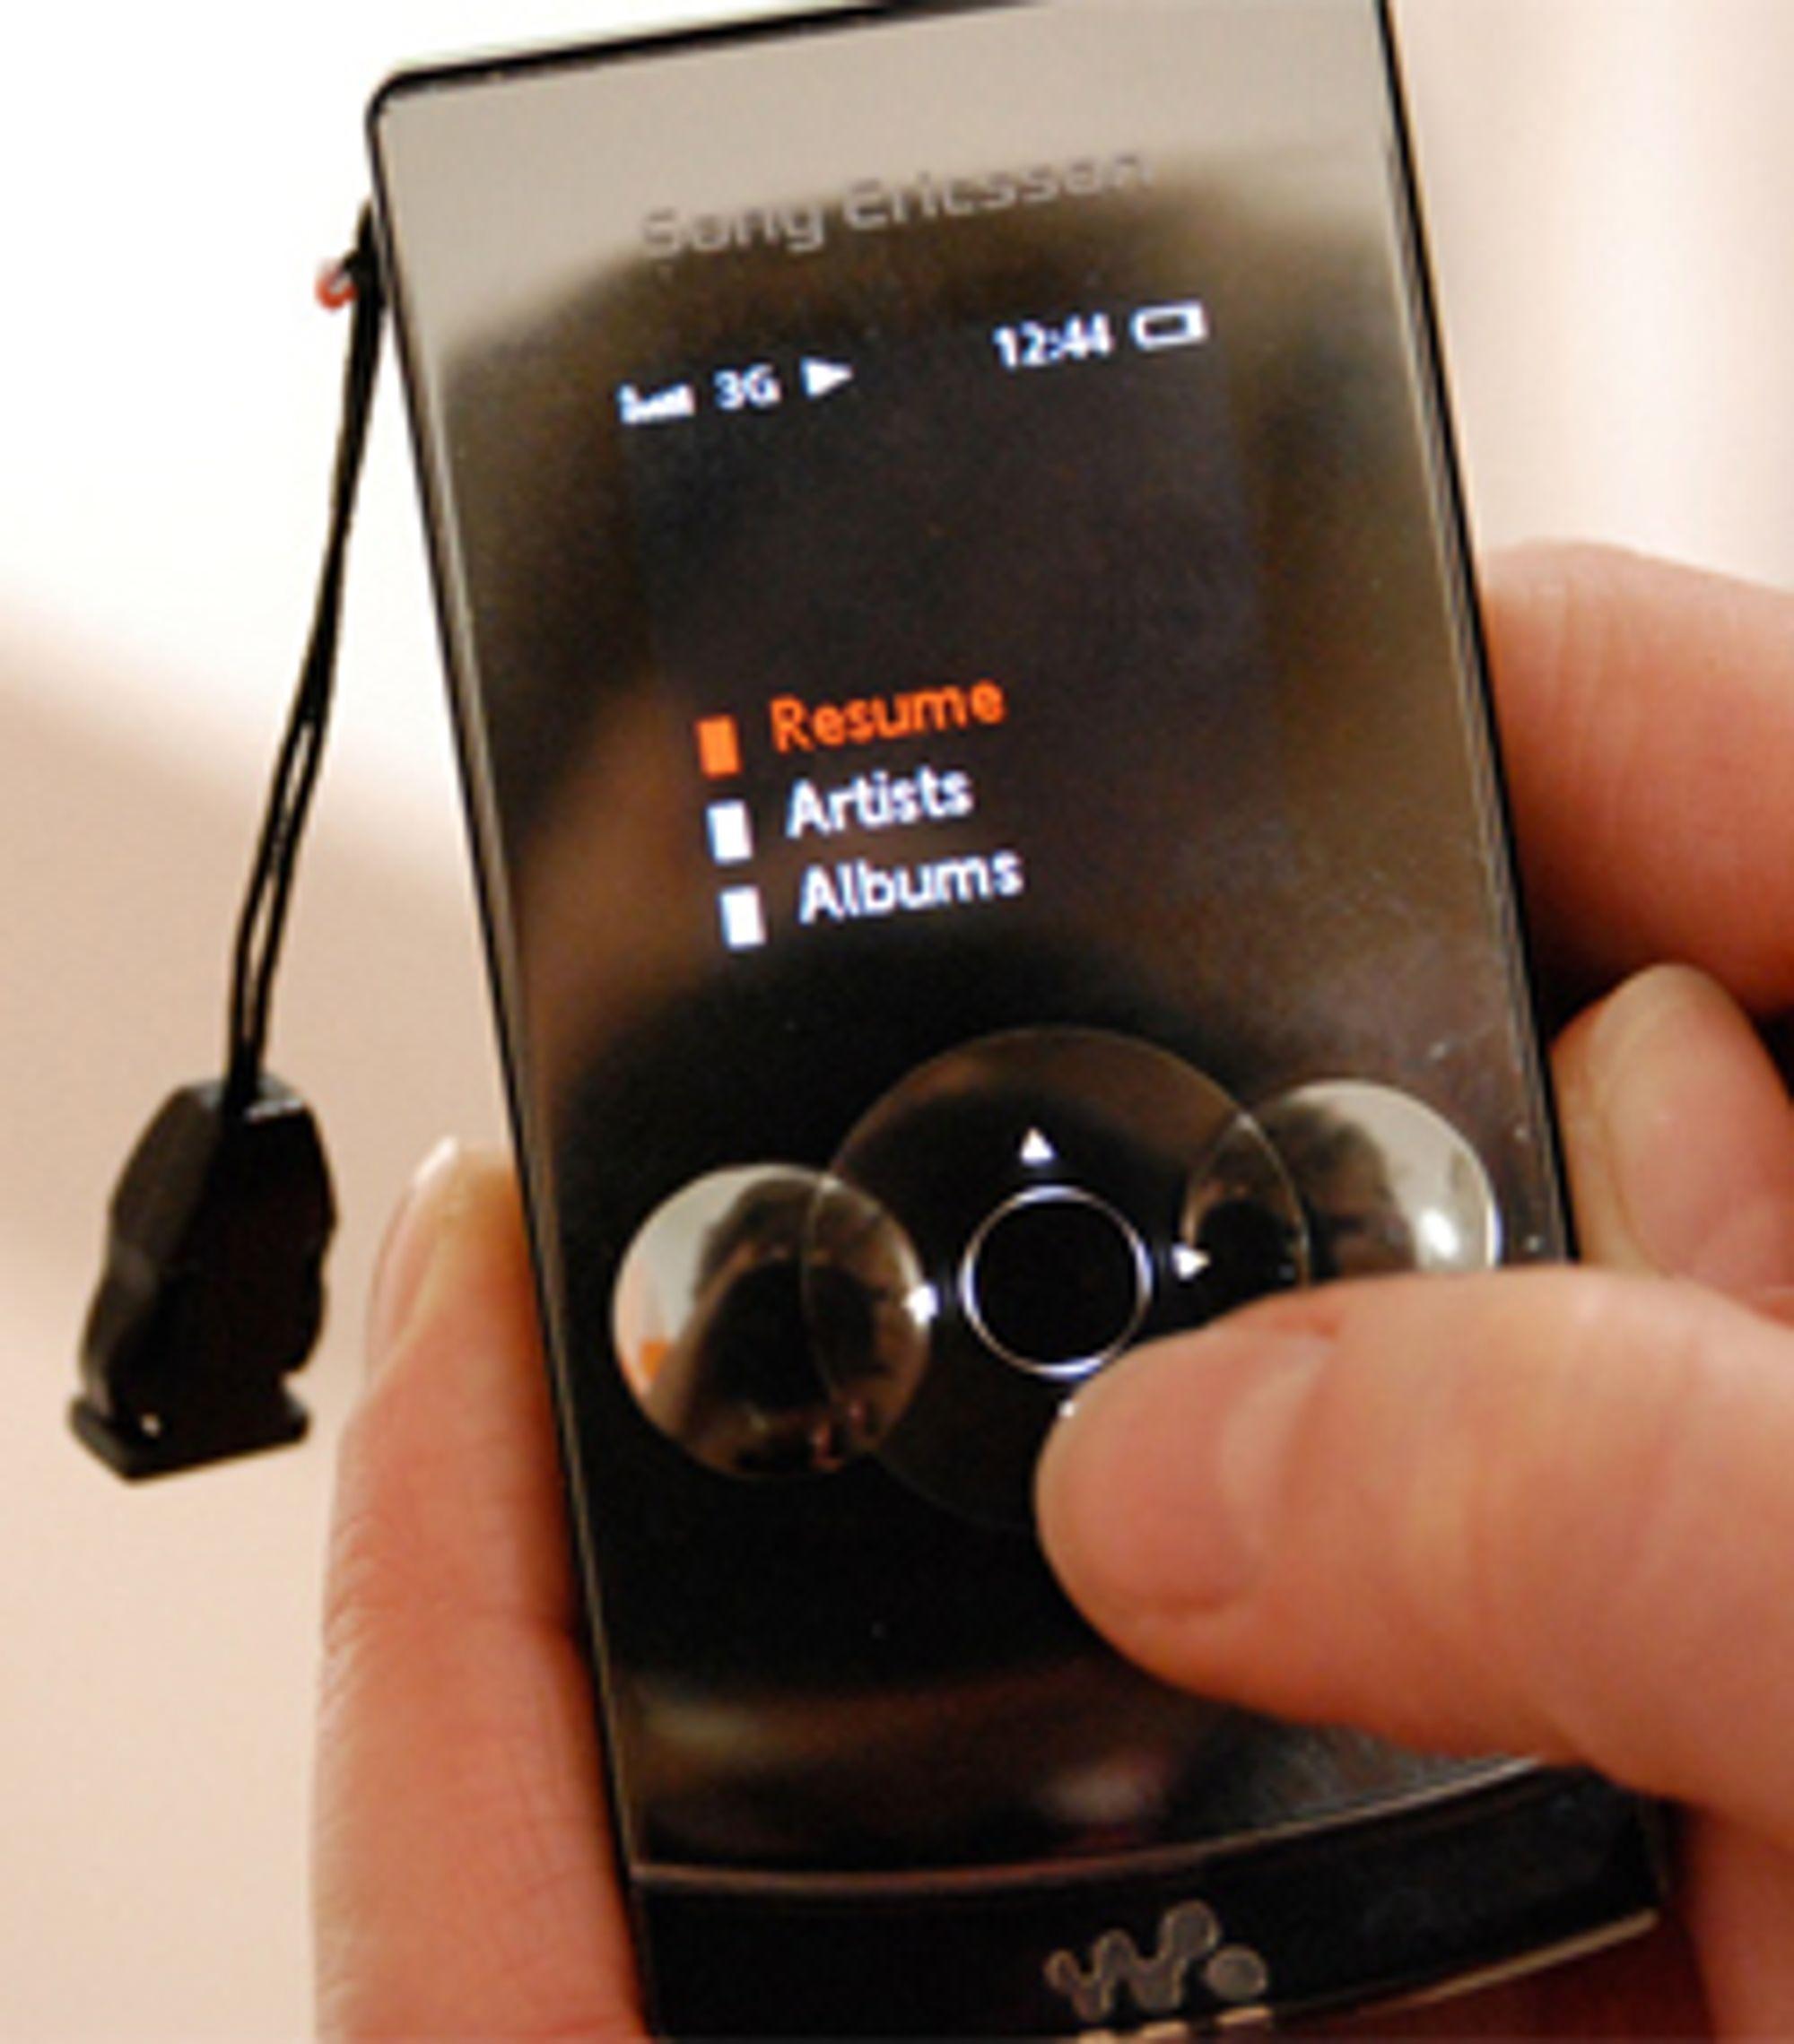 Musikktastene lar deg styre musikken. (Foto: Silje Gomnæs)